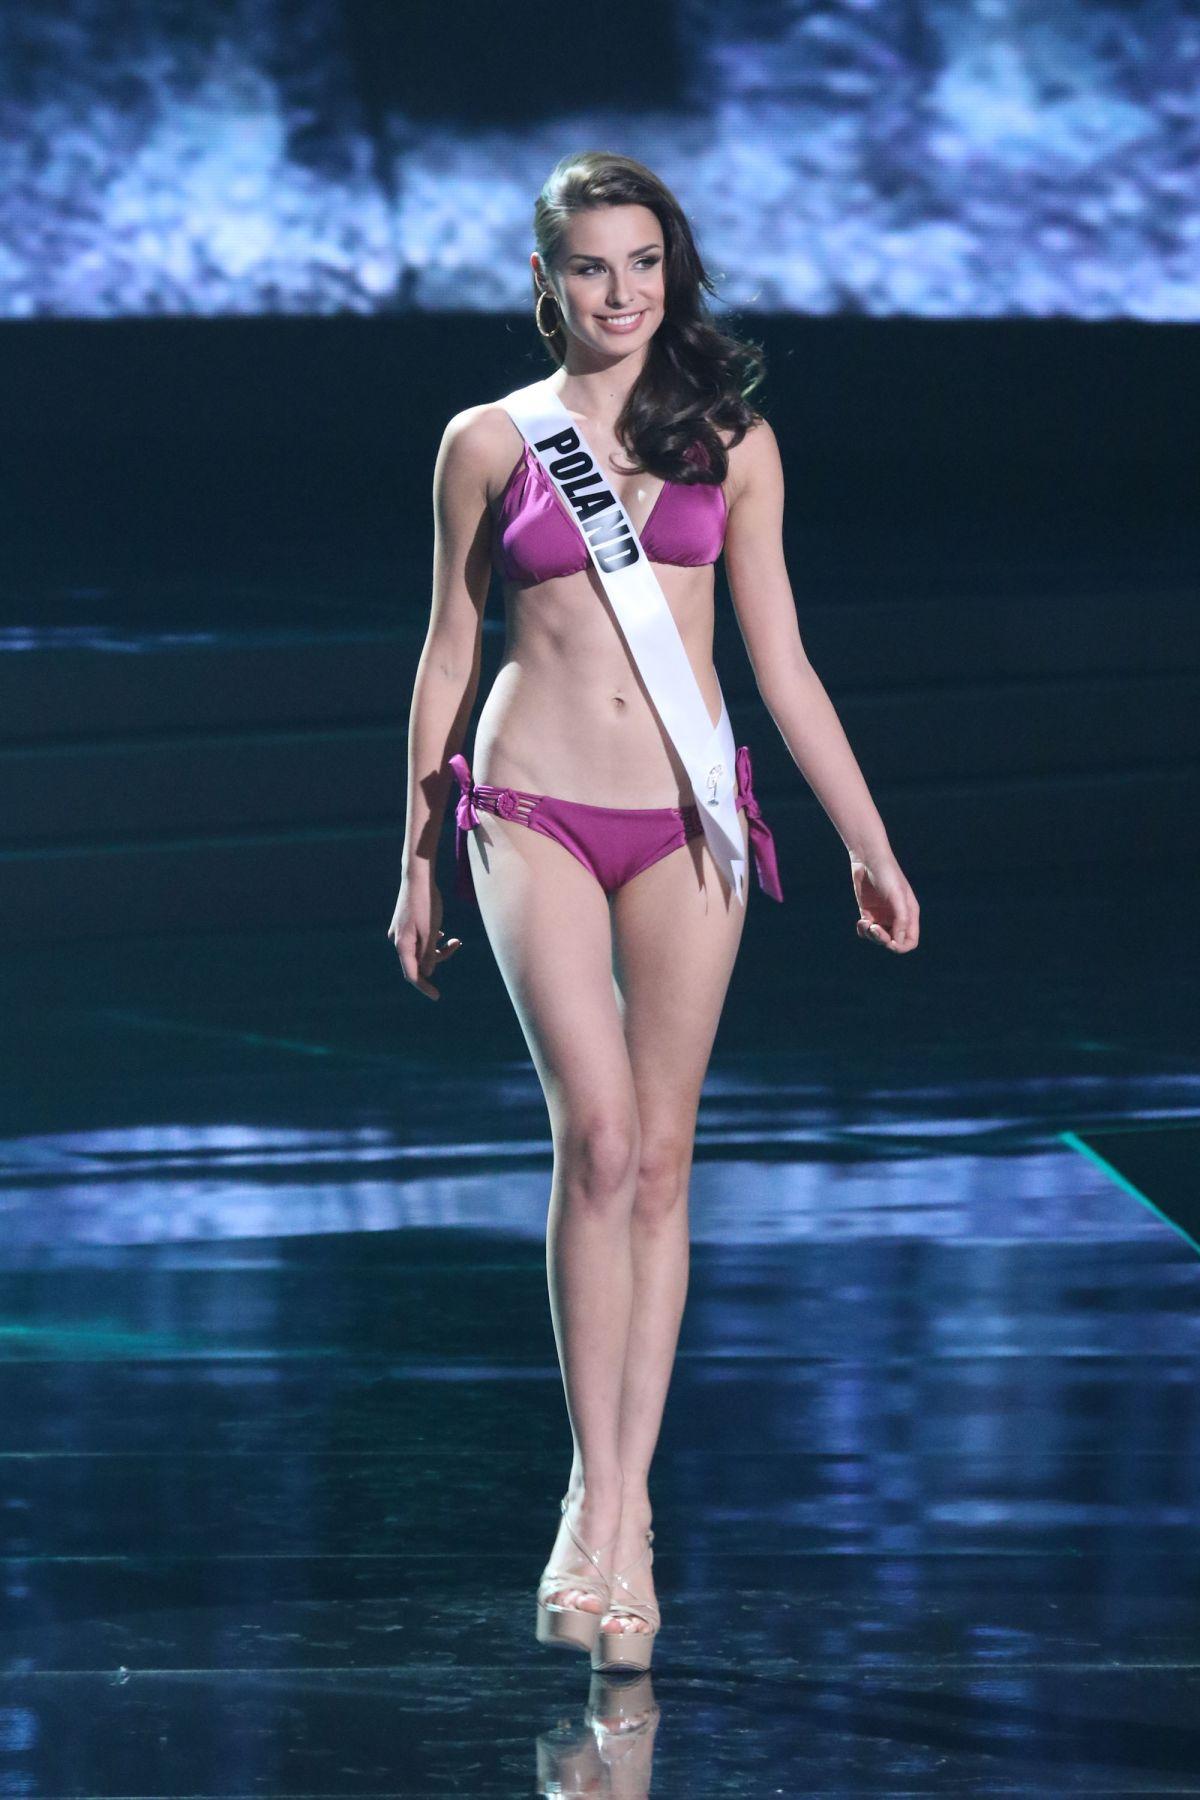 WERONIKA SZMAJDZINSKA - Miss Universe 2015 Preliminary Round 12/16/2015